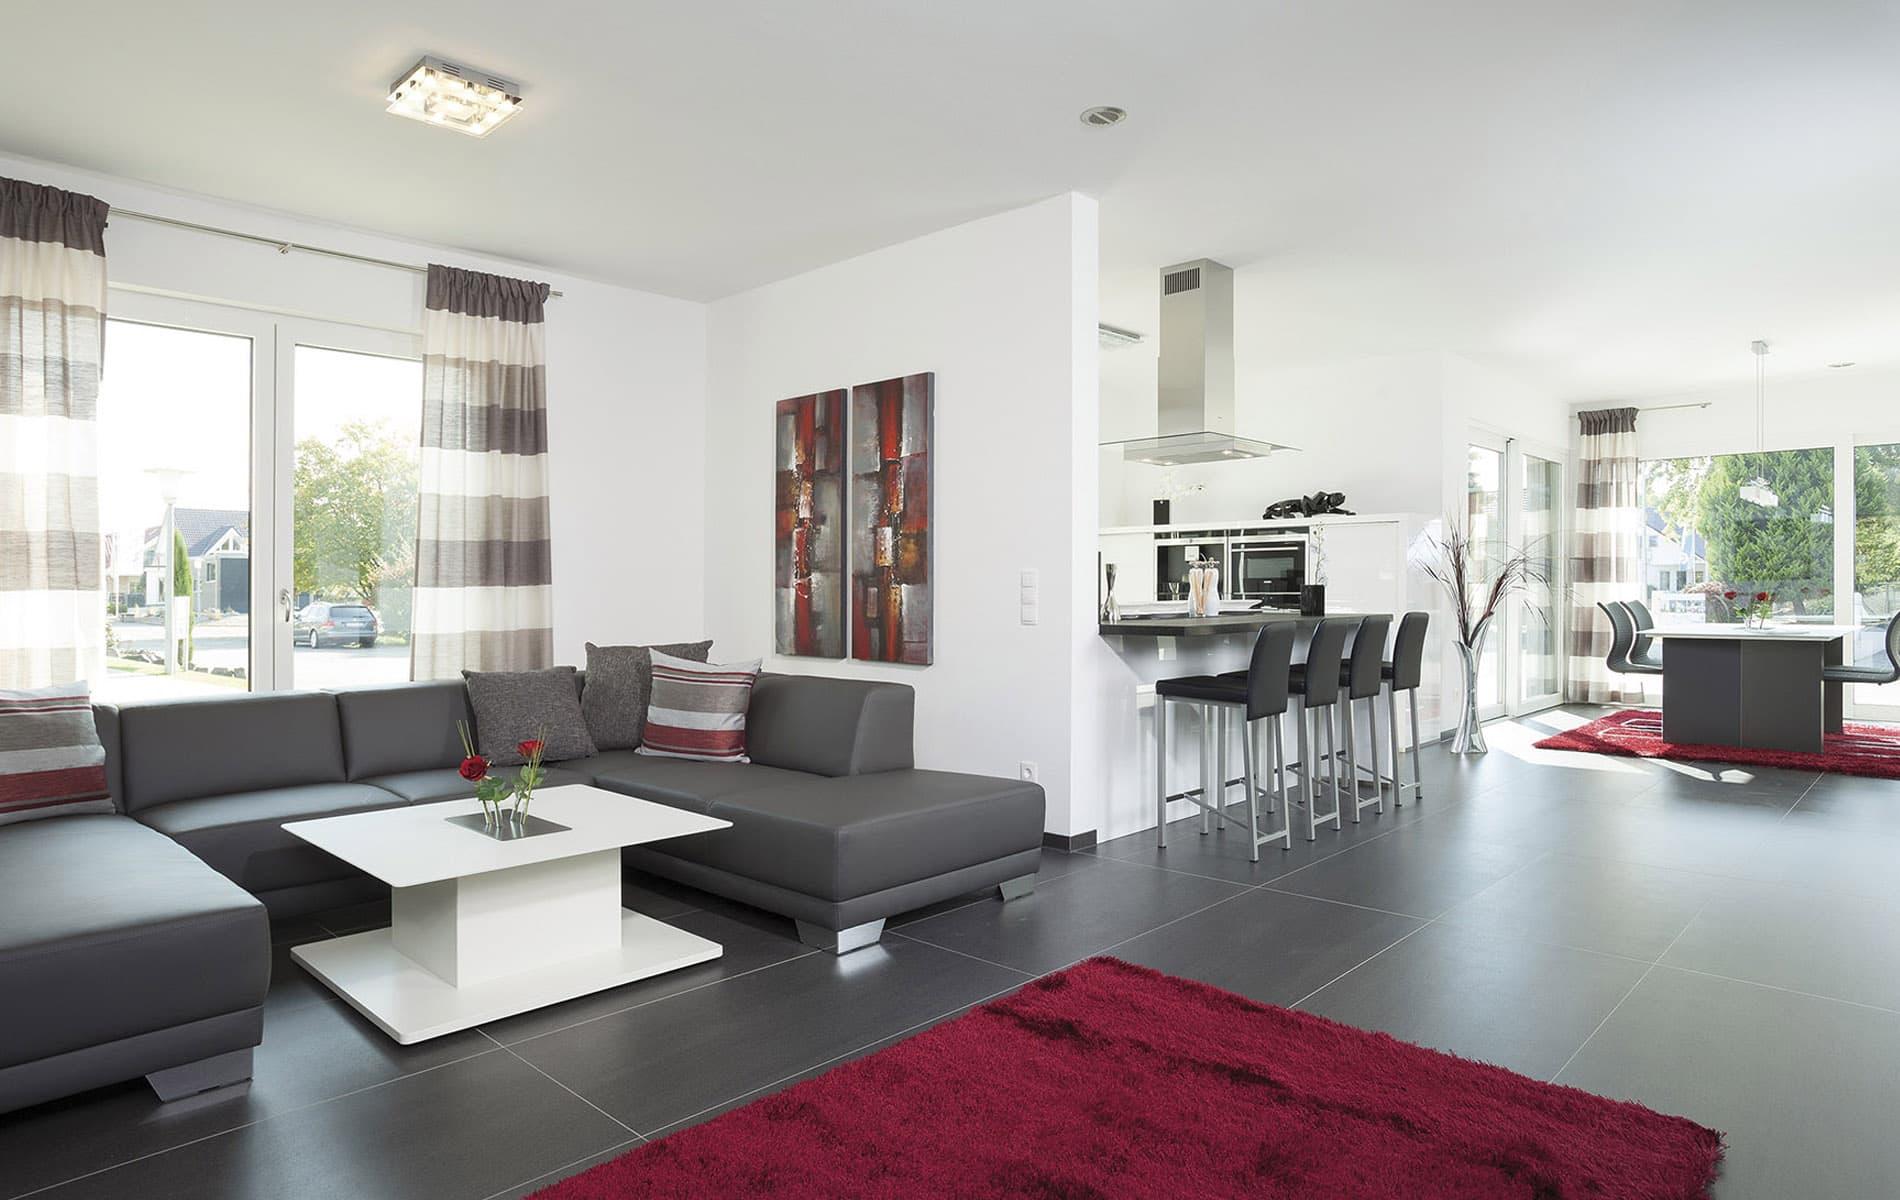 Offenen Wohnraumgestaltung